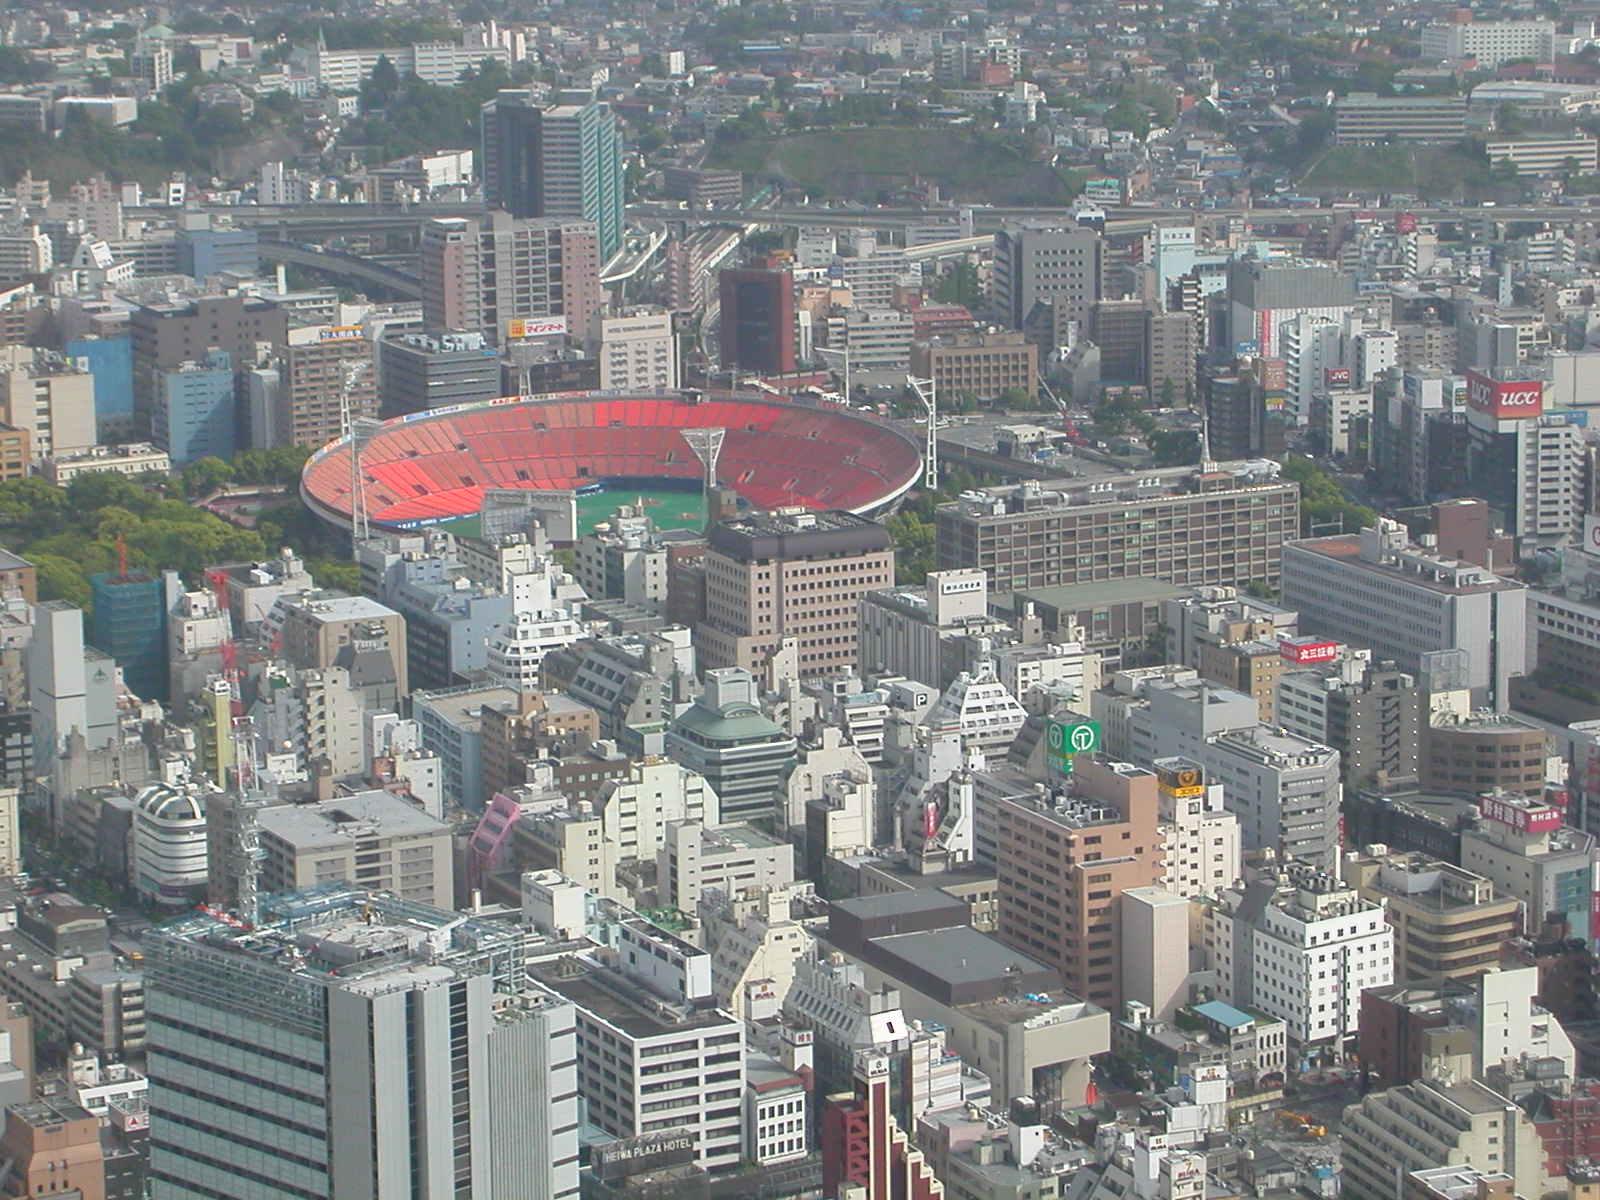 Yokohama View With Baseball Stadium